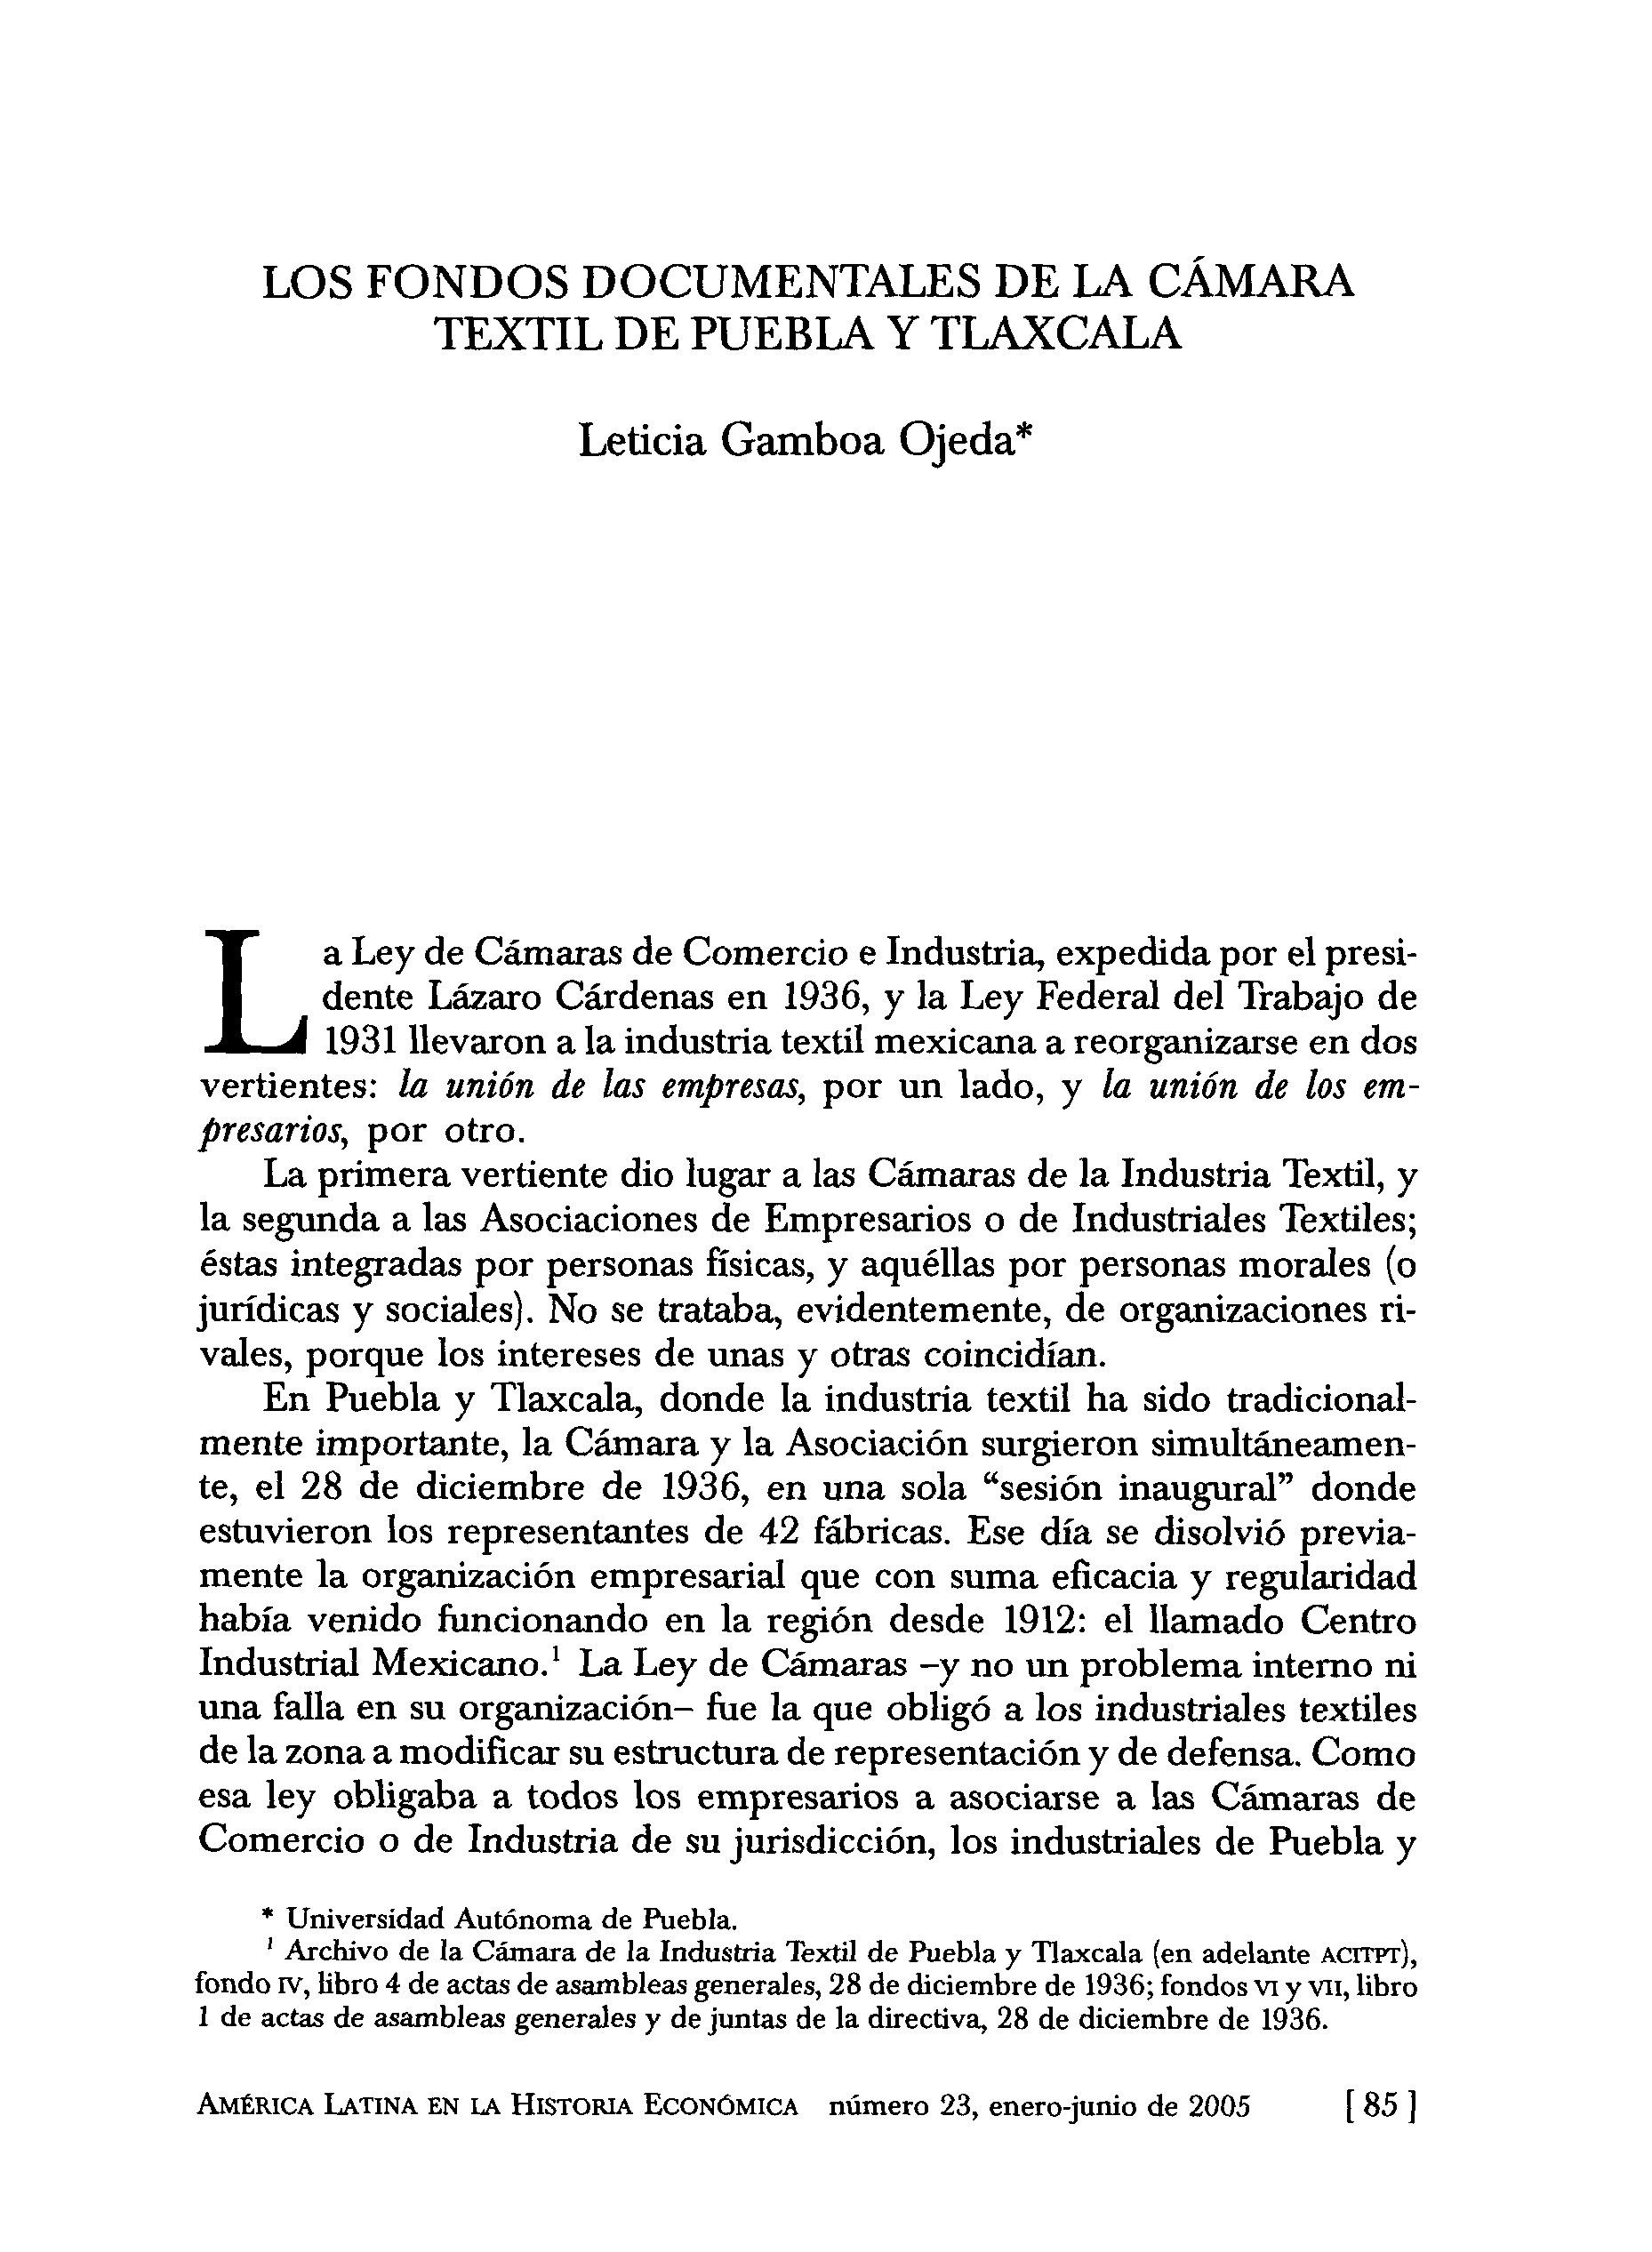 Los fondos documentales de la cámara textil de Puebla y Tlaxcala